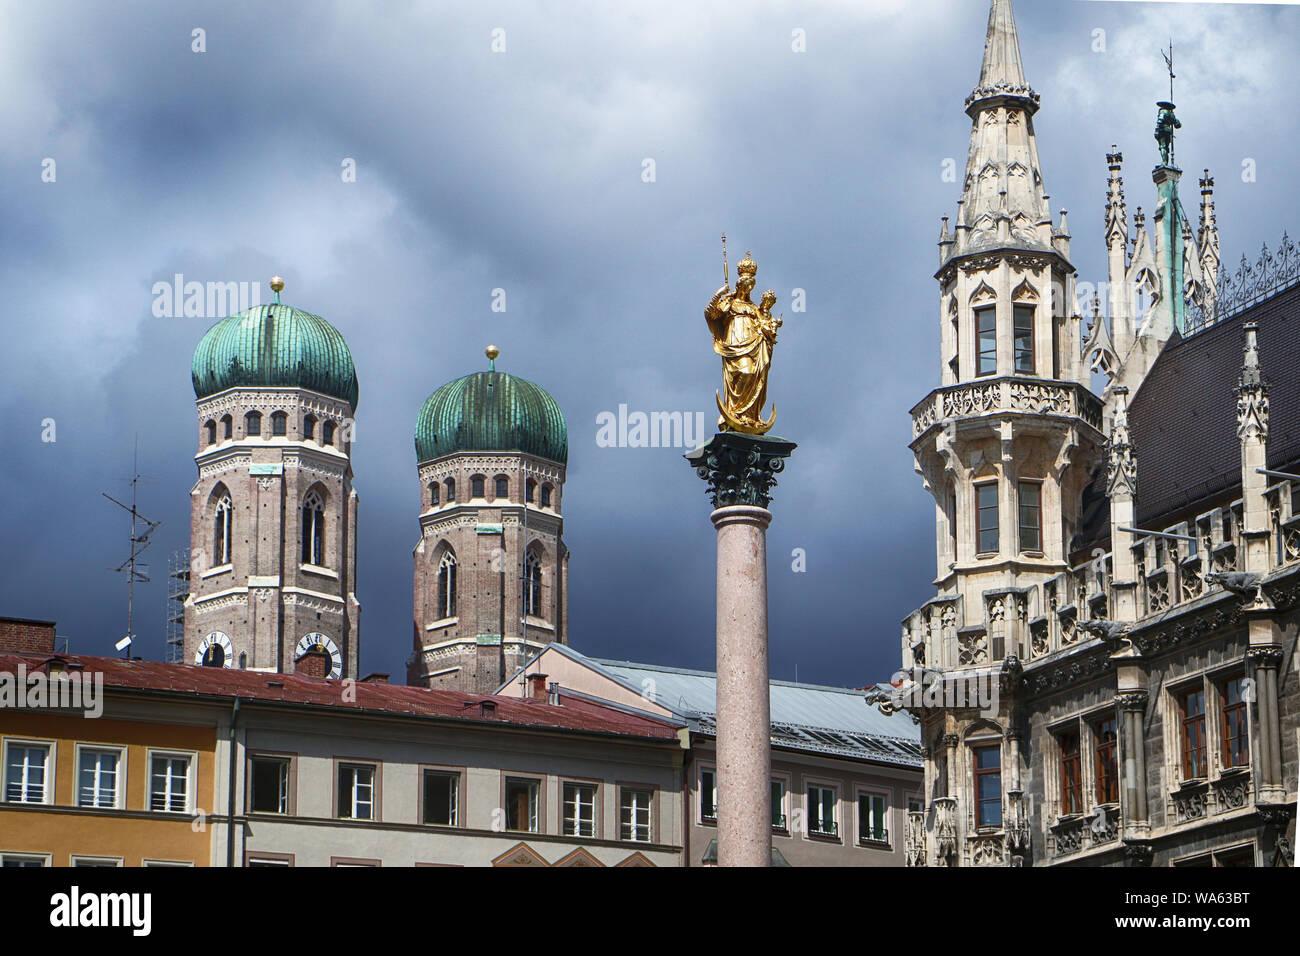 Munich, Allemagne - vue sur l'horloge tours de la cathédrale Frauenkirche, Munich, l'apogée de la nouvelle mairie gothique et au premier plan le rendez-vous Banque D'Images